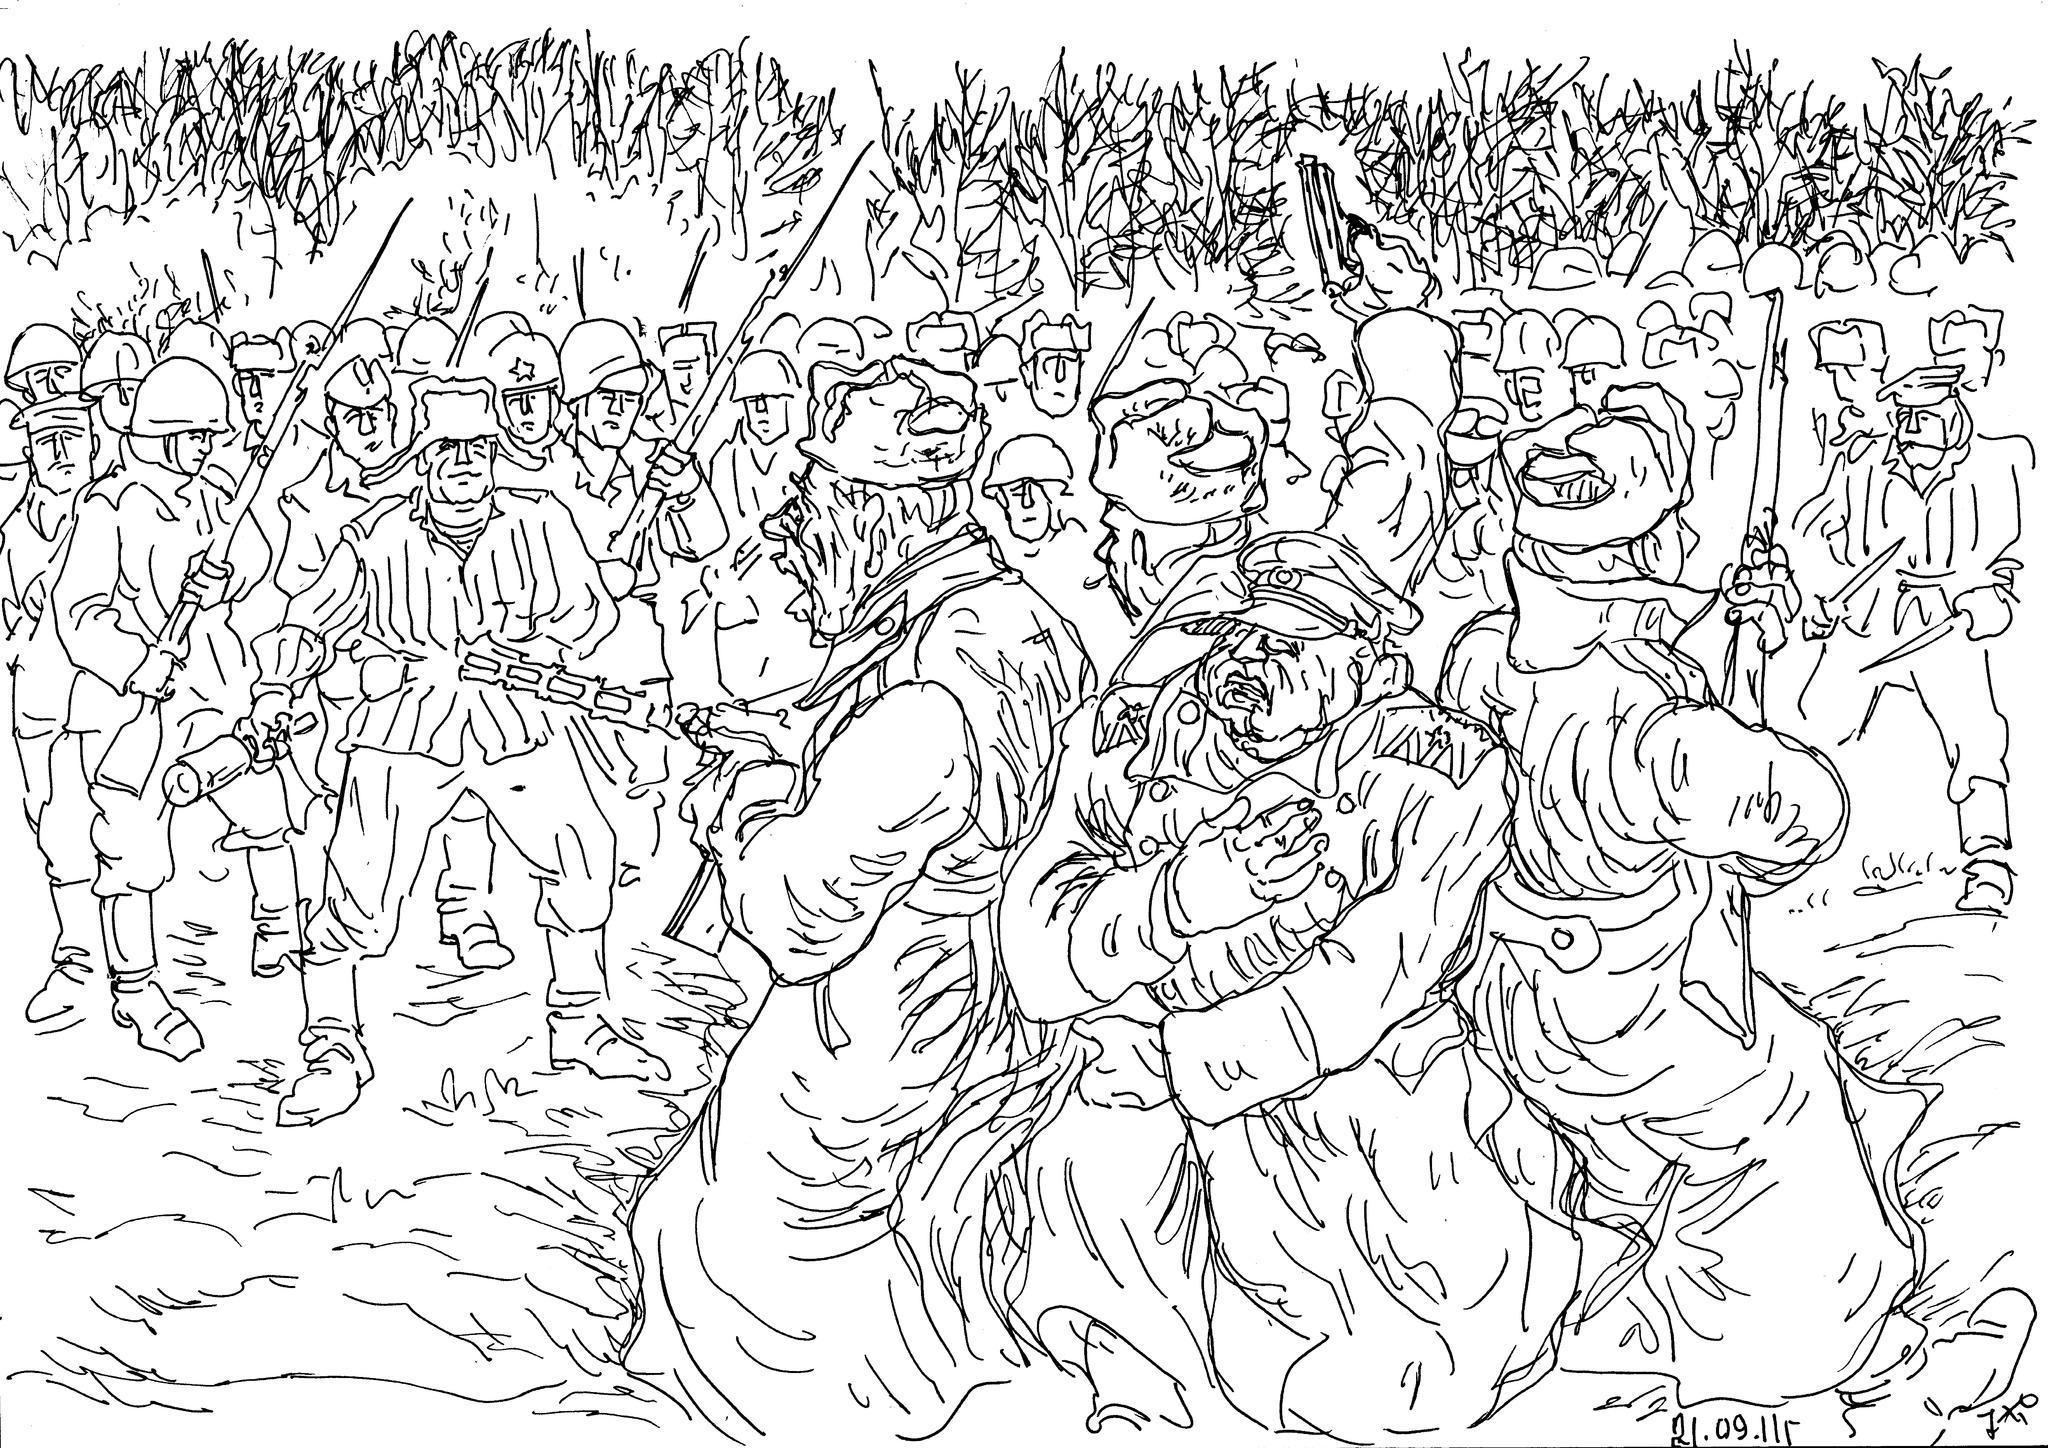 Безграмотные полководцы только уничтожали и уничтожают своих солдат